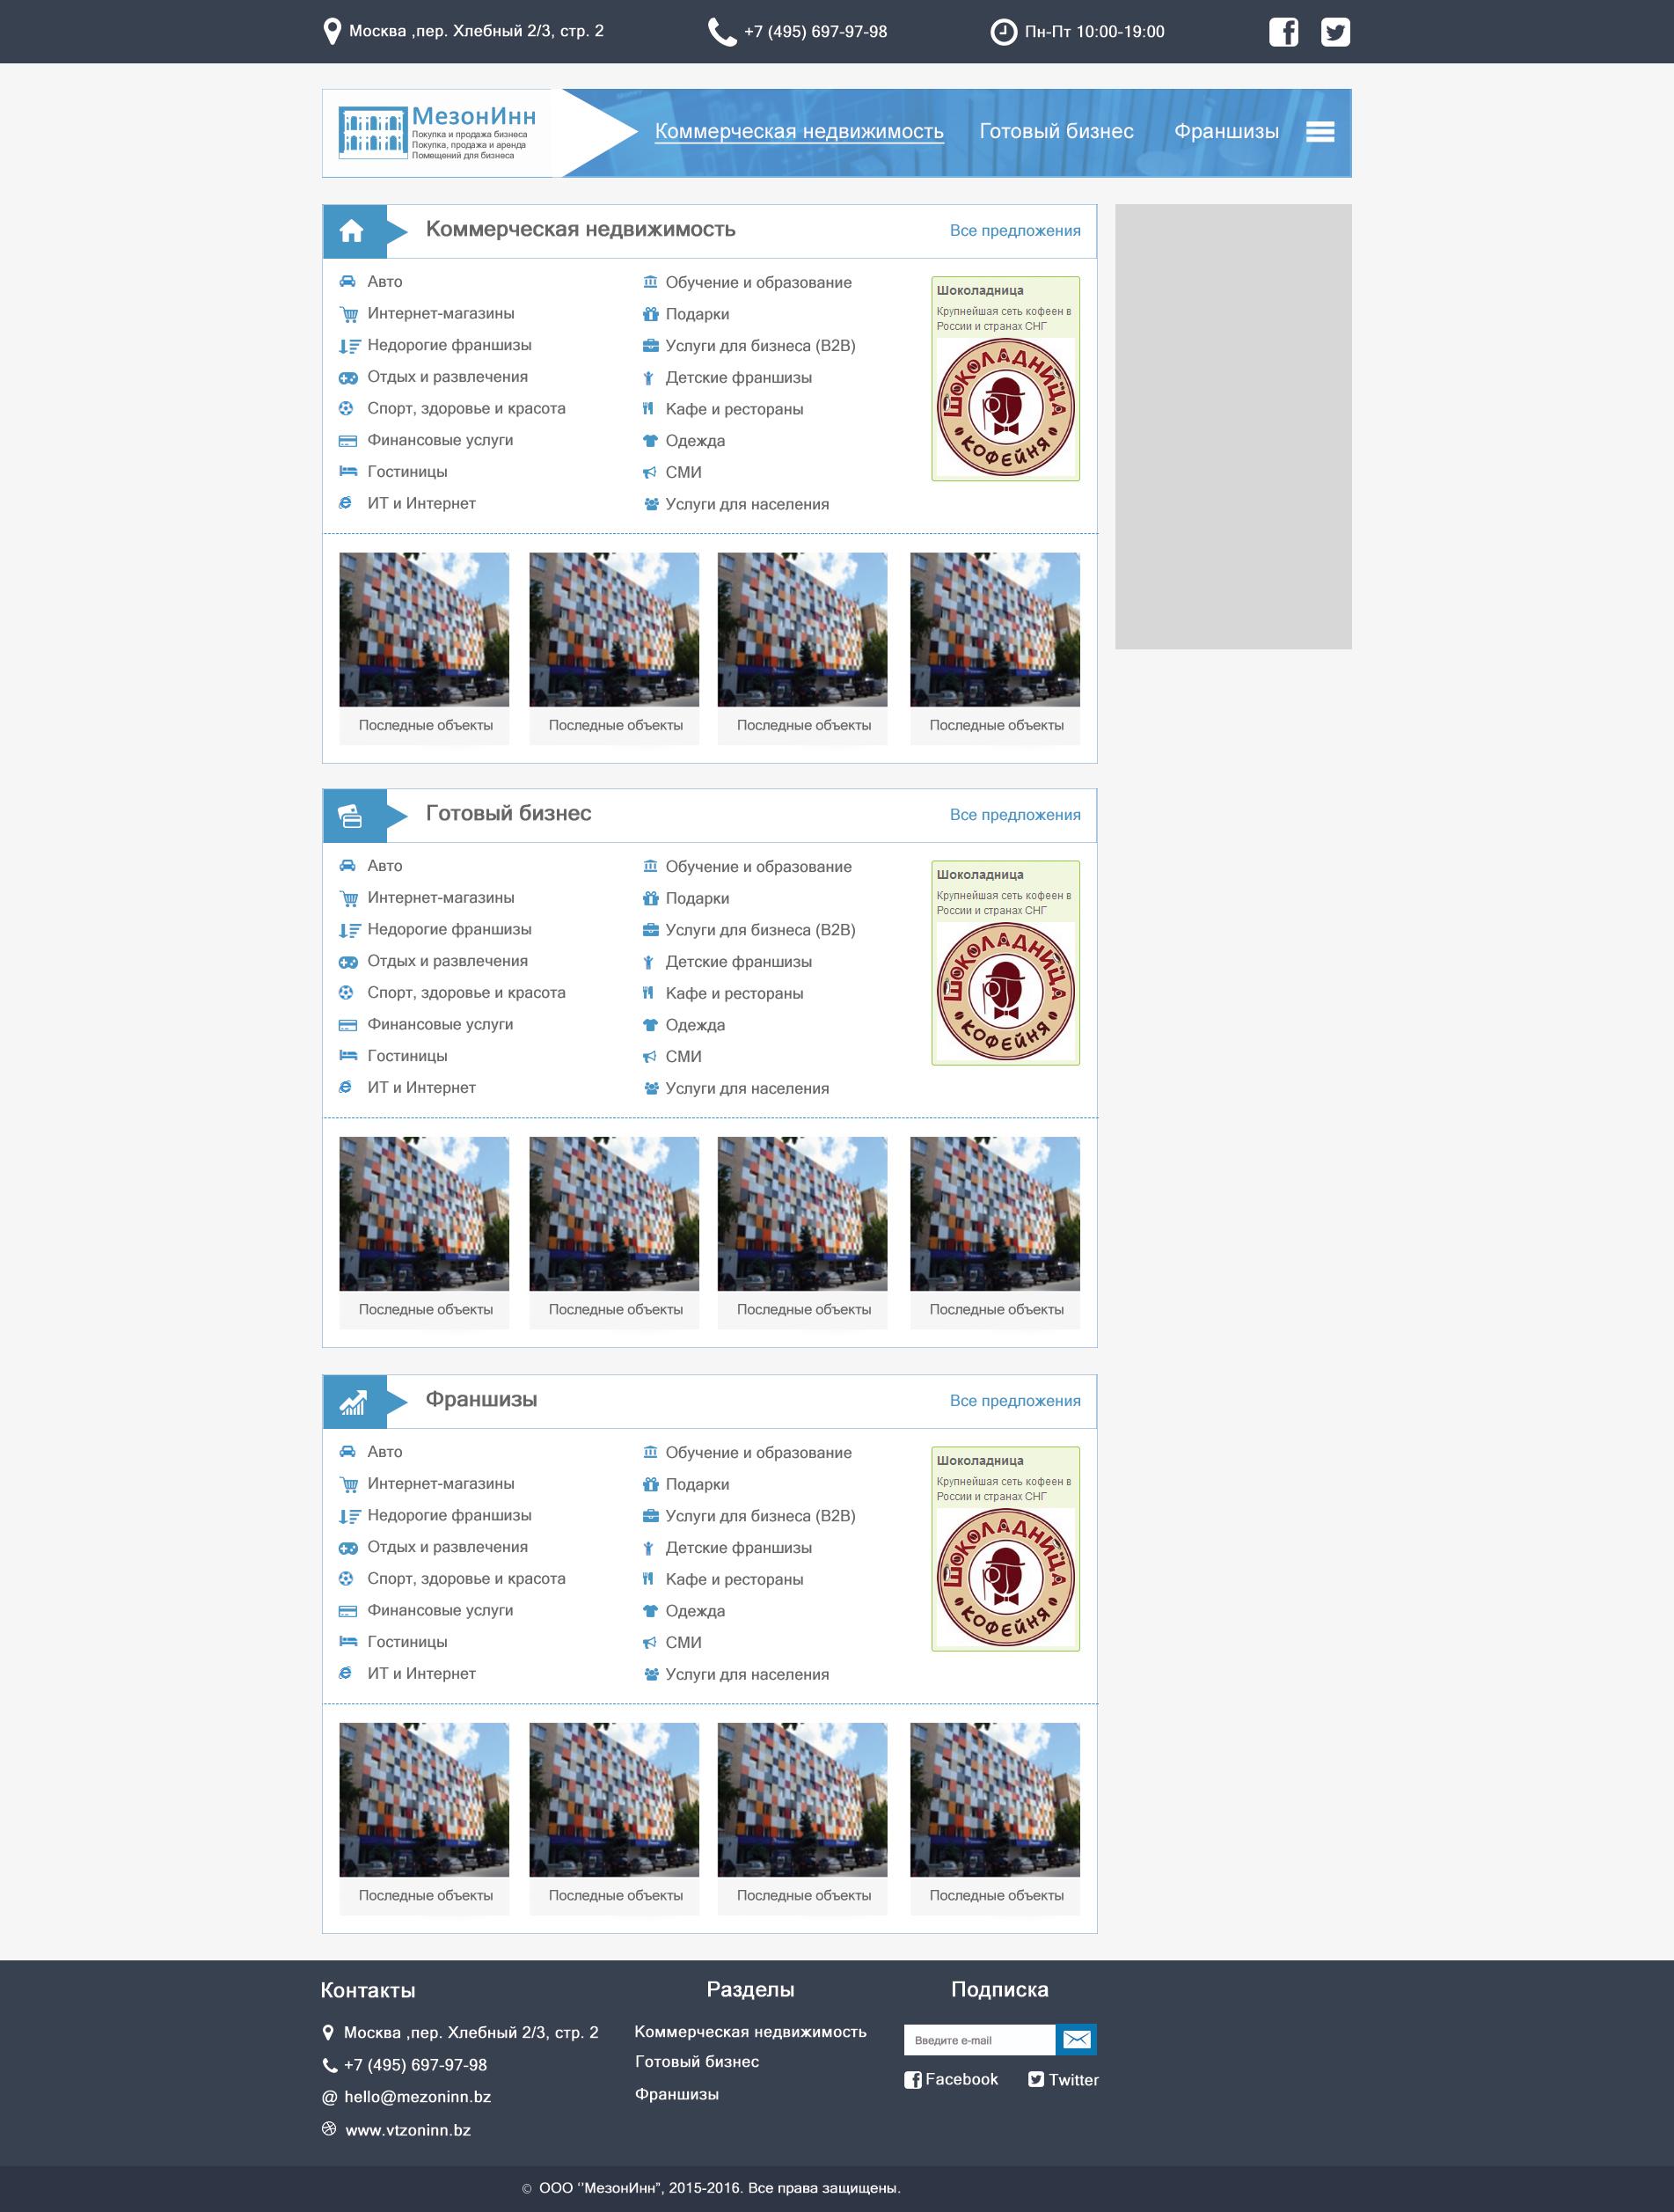 Доработать дизайн главной страницы сайта фото f_342574dc77960893.jpg